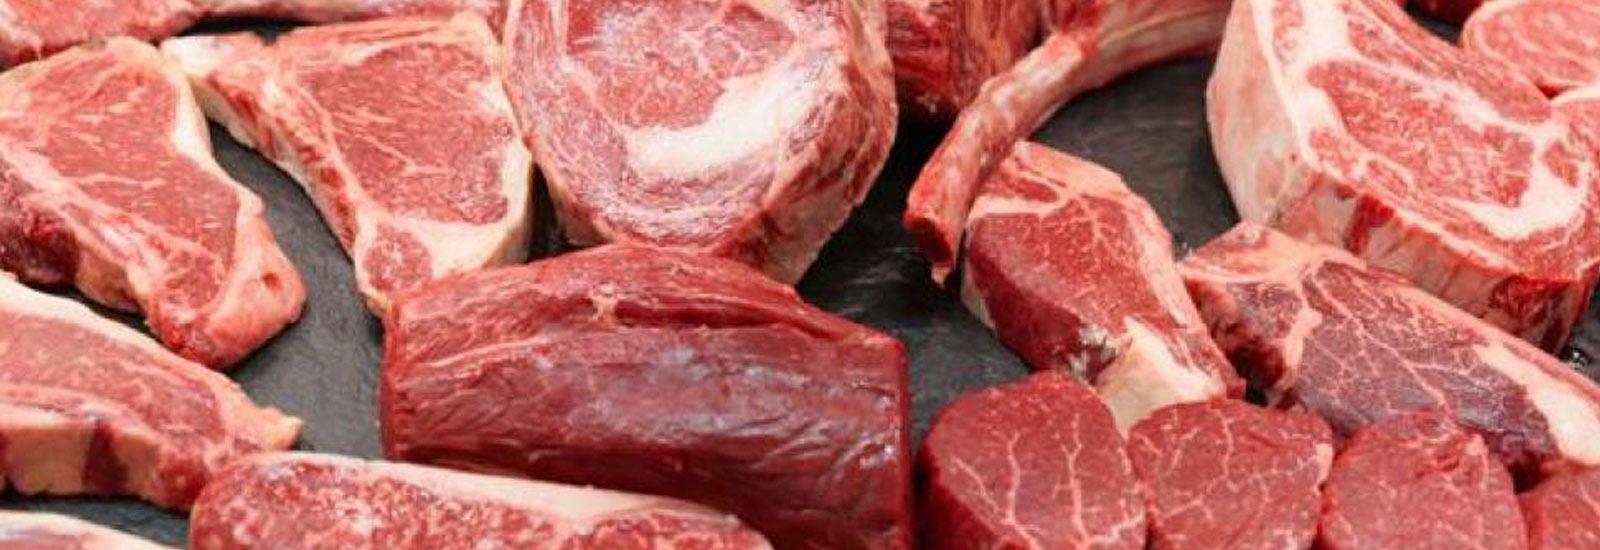 DOP, IGP y ETG: denominaciones, indicaciones y especialidades de la carne fresca